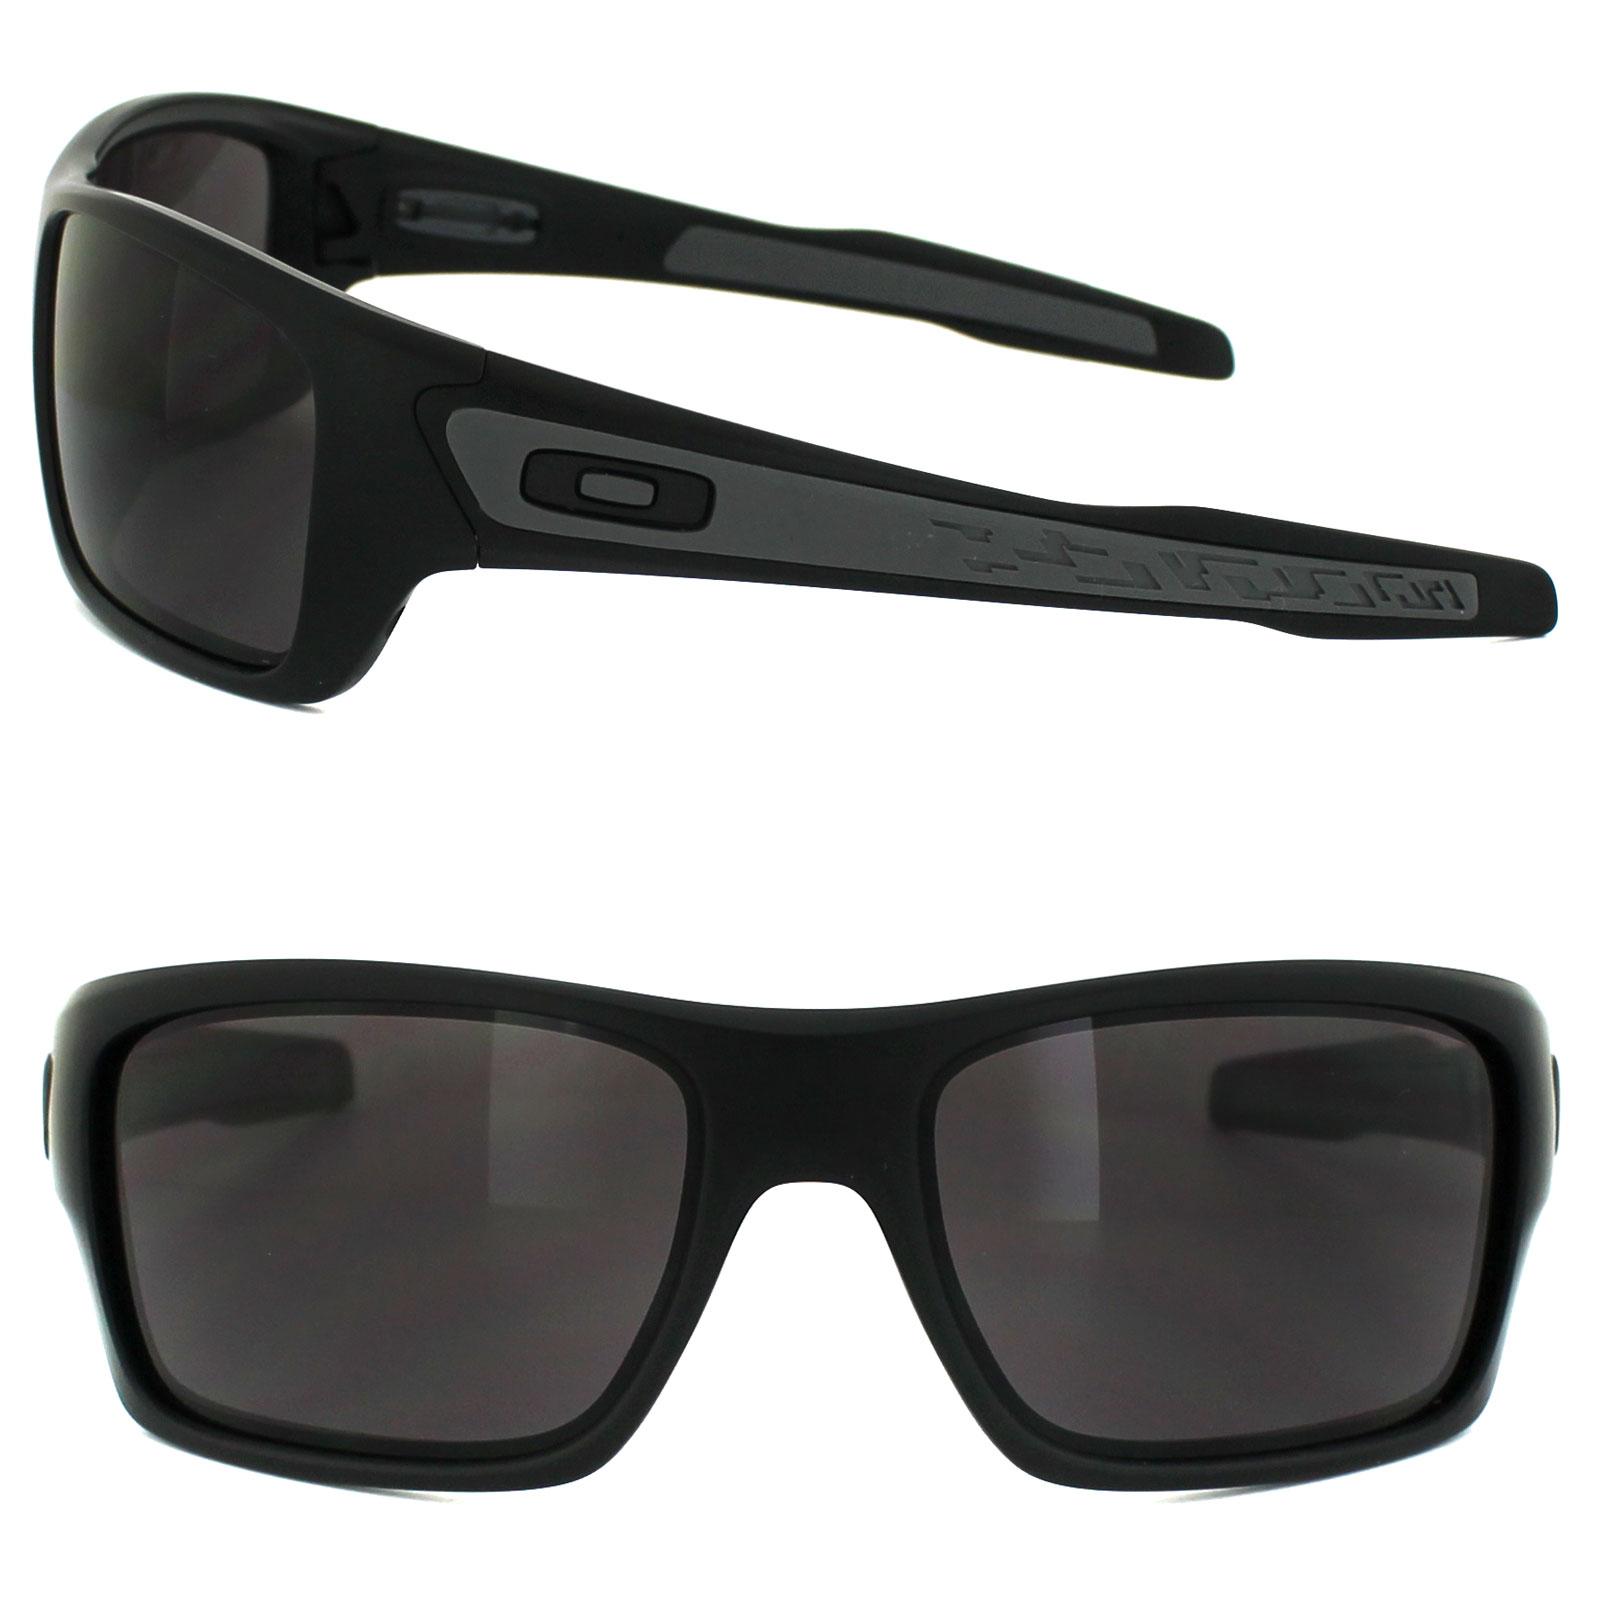 95c1bef5f1 Sentinel Oakley Sunglasses Turbine OO9263-01 Matt Black Warm Grey